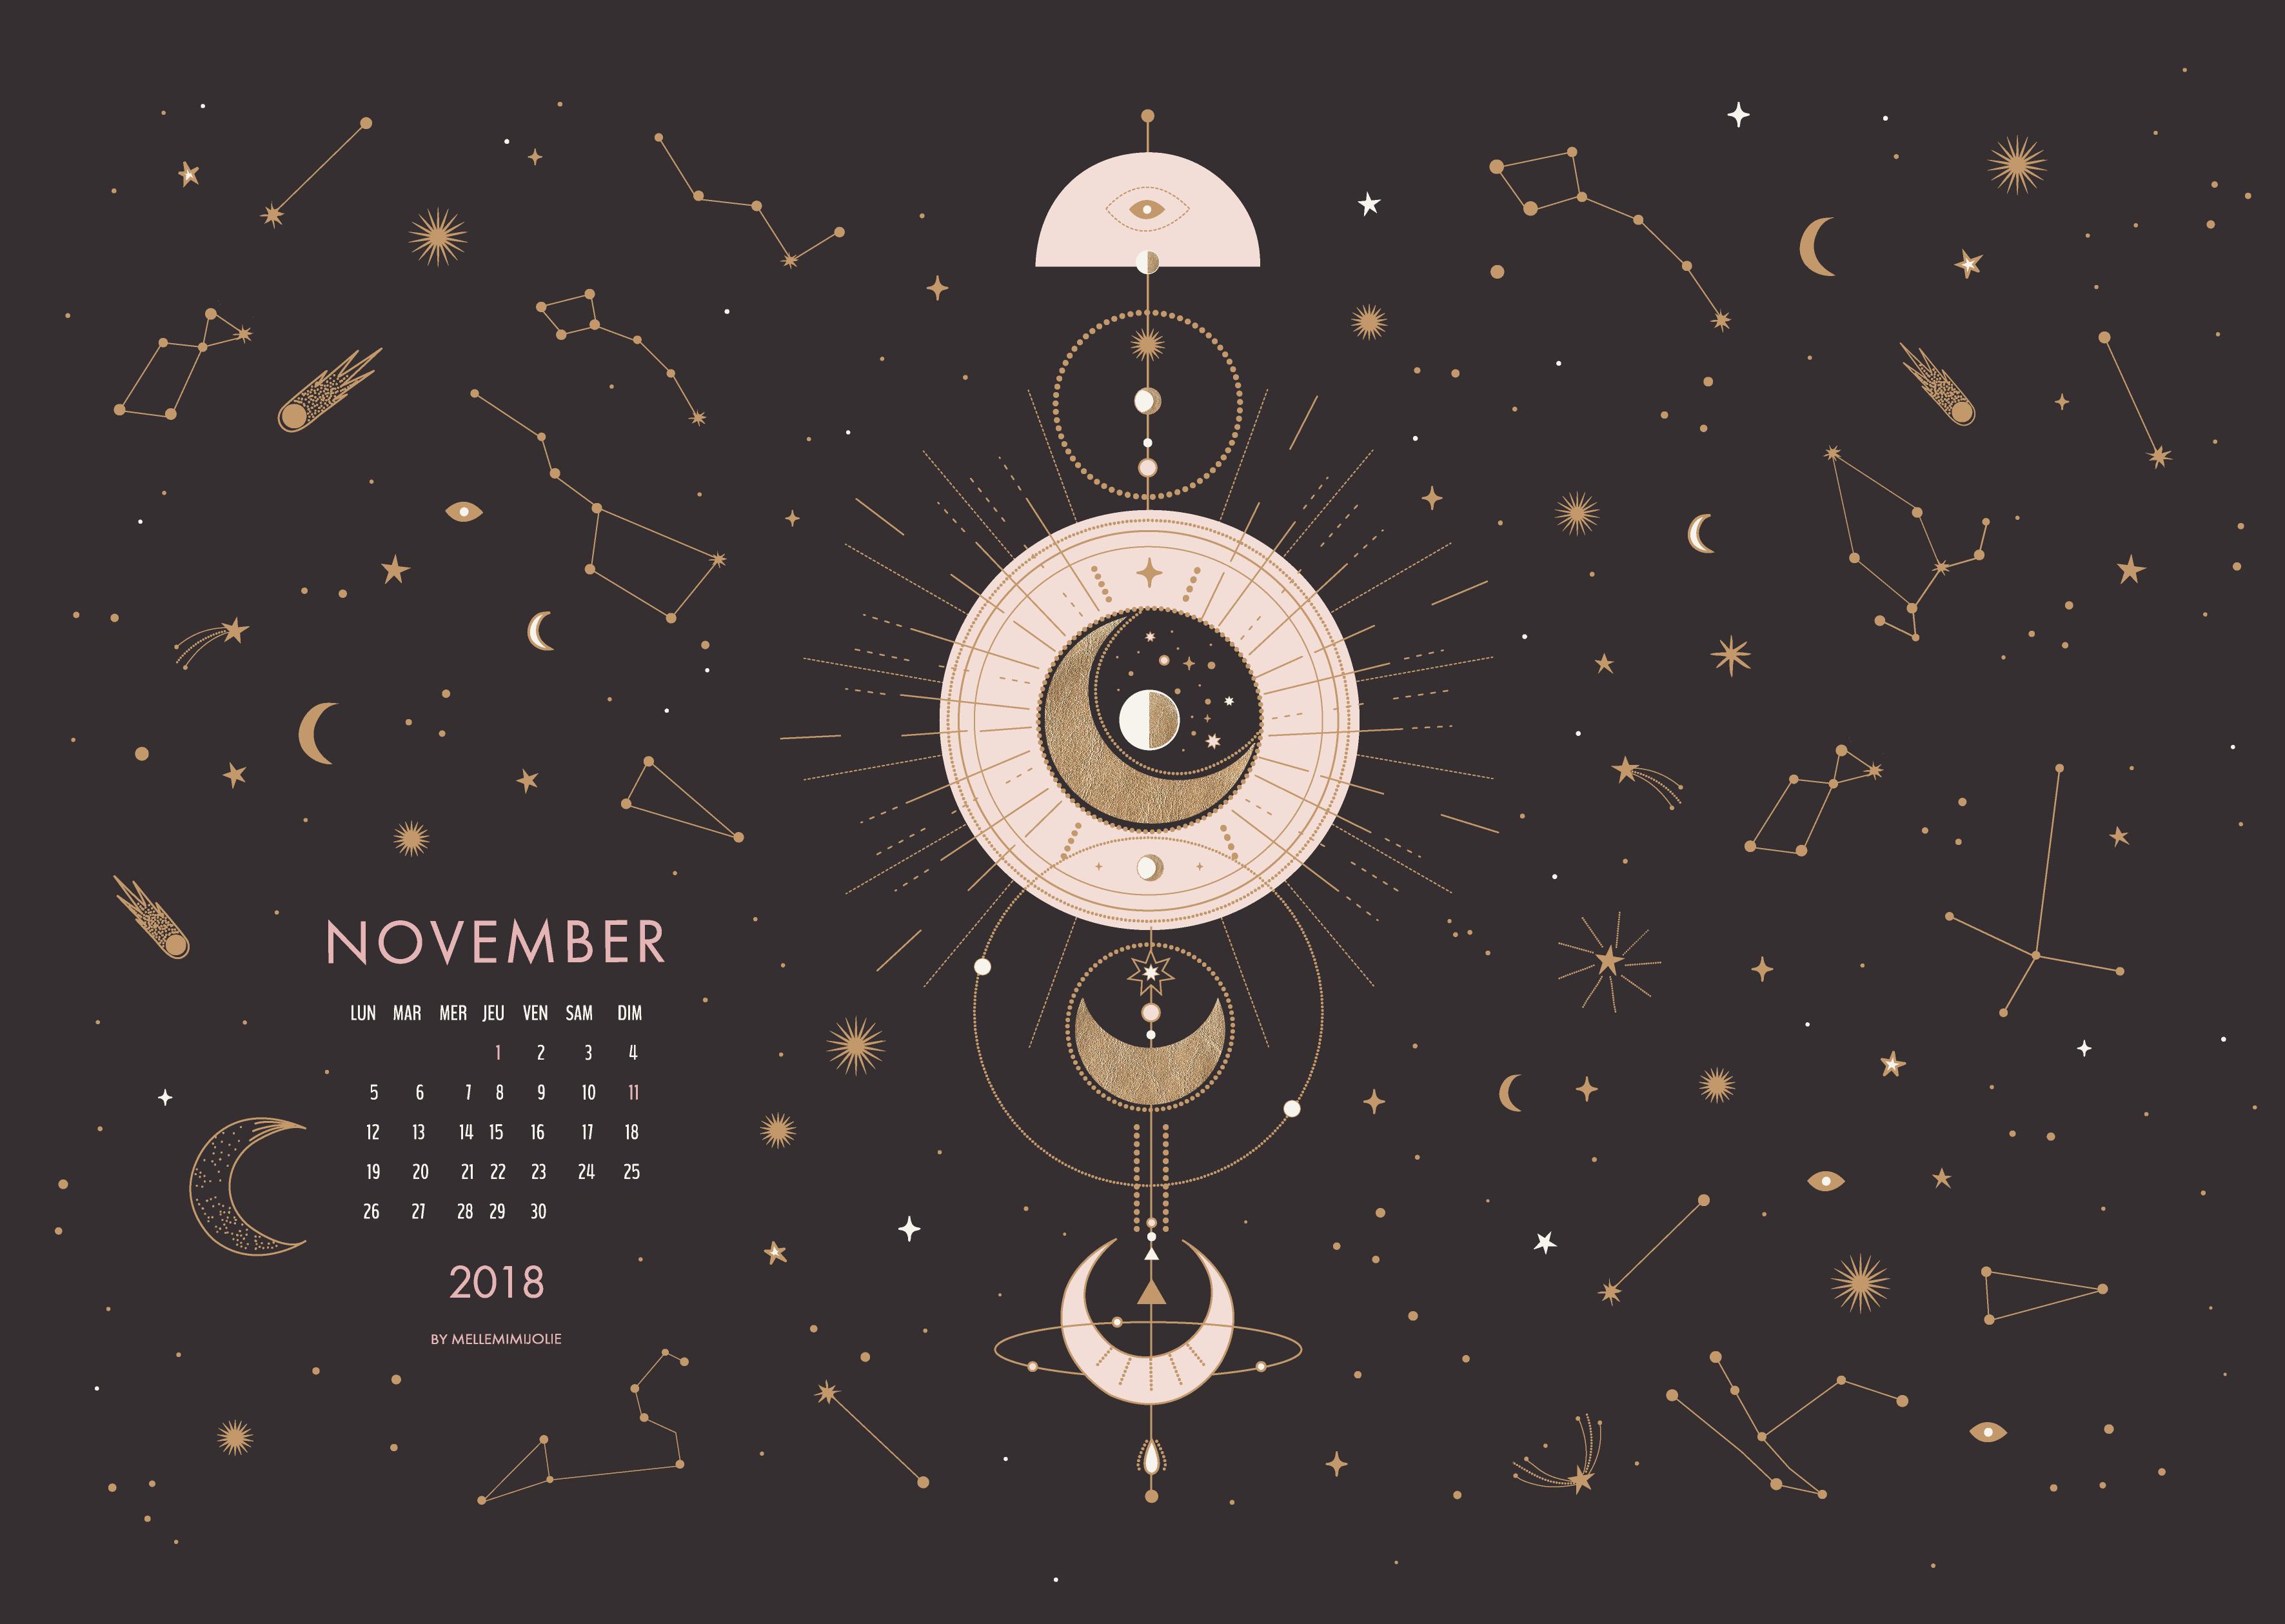 constellations-novembre2018-mimijolie